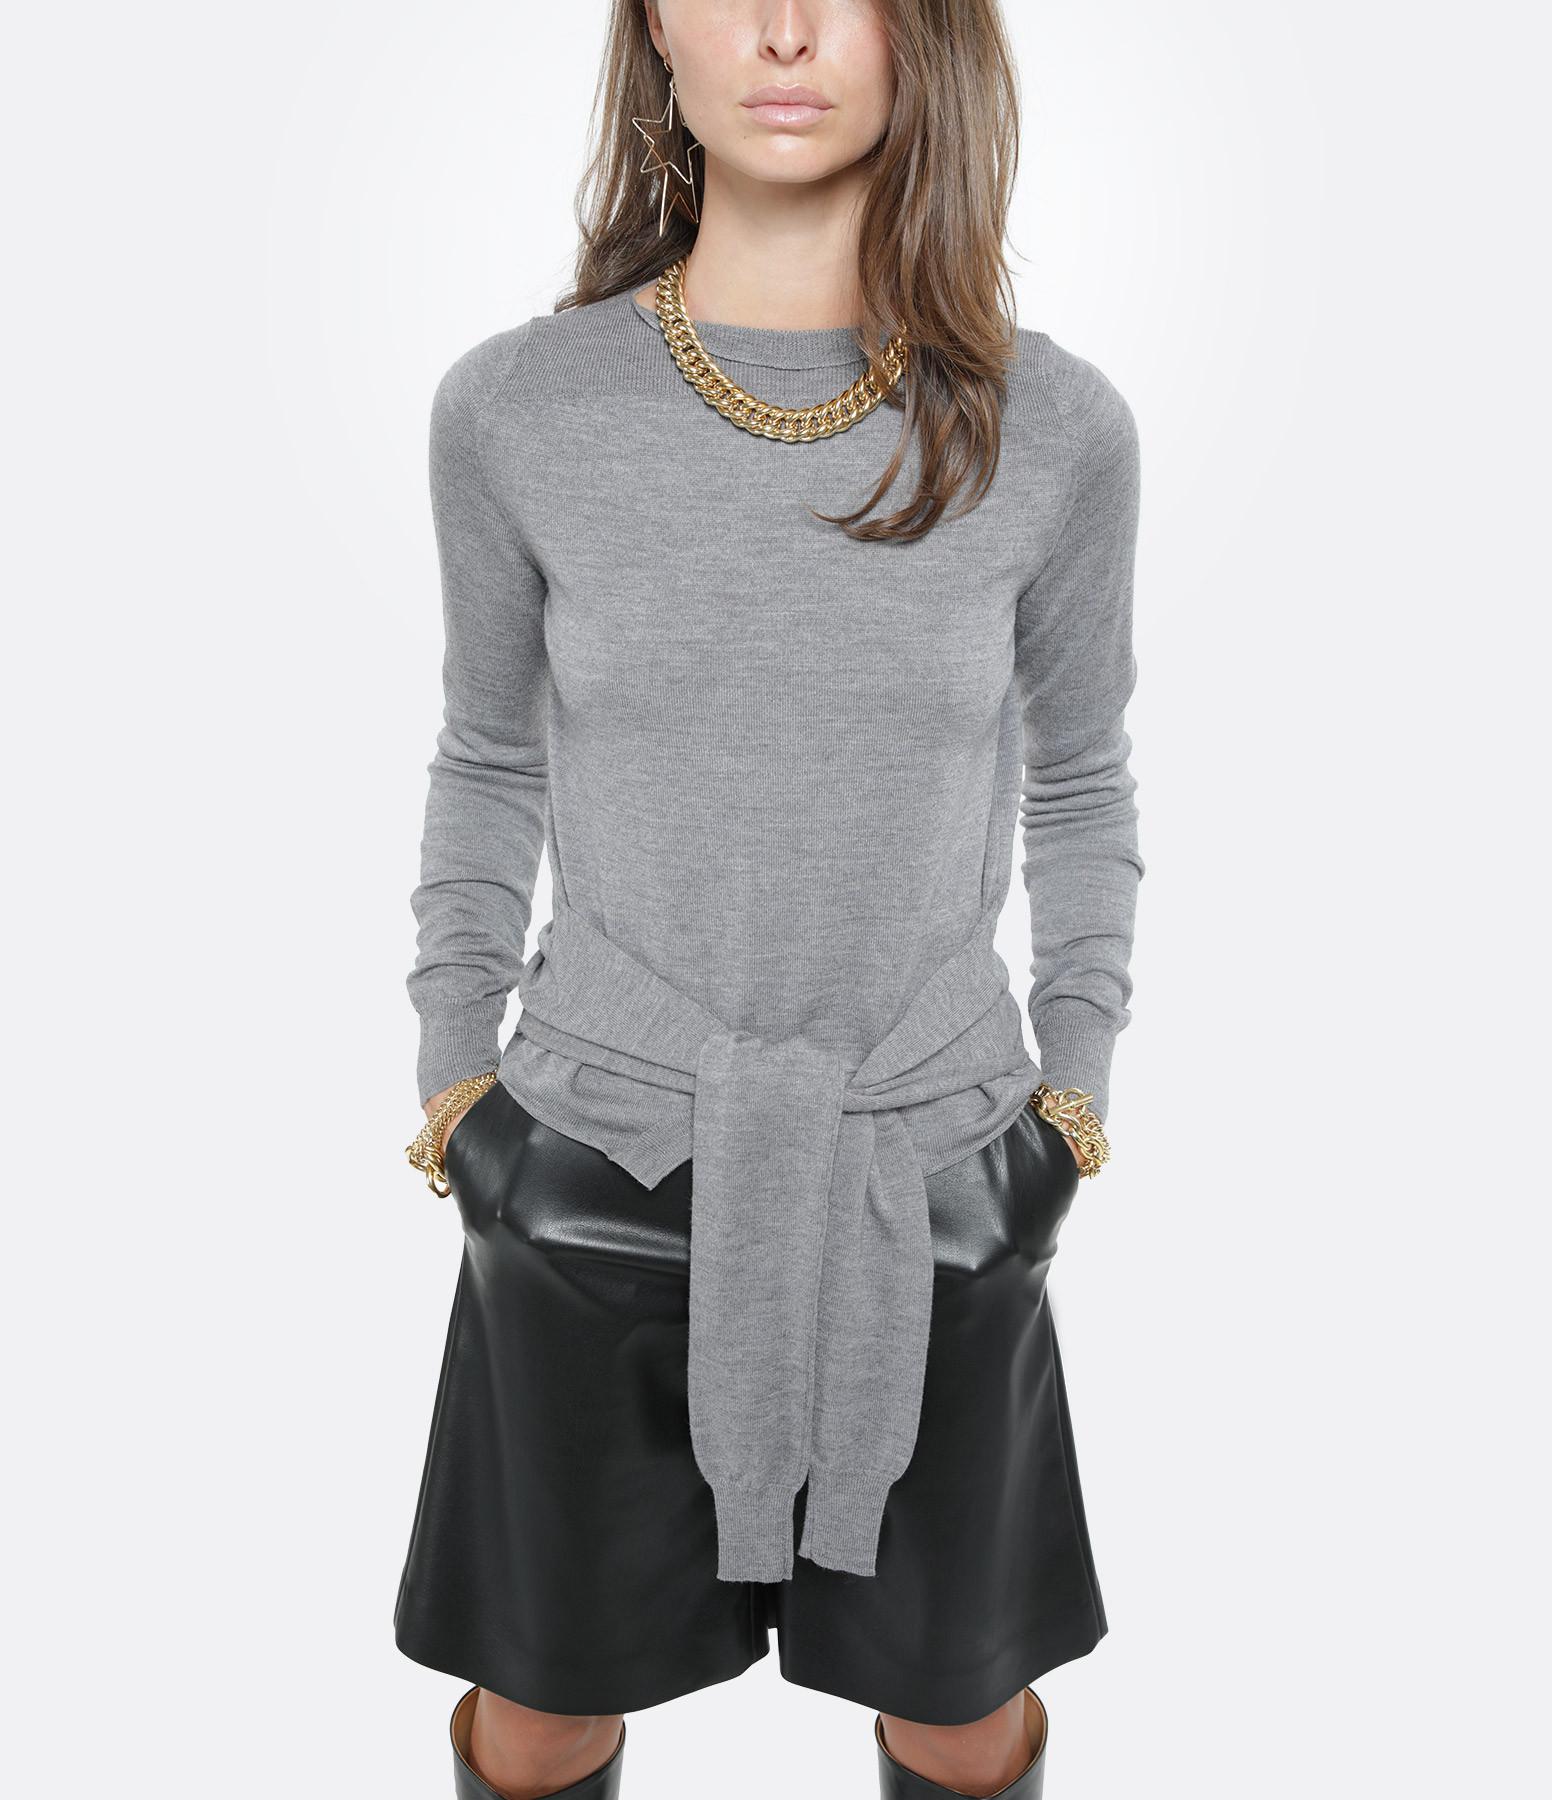 MM6 MAISON MARGIELA - Sweatshirt Laine Gris